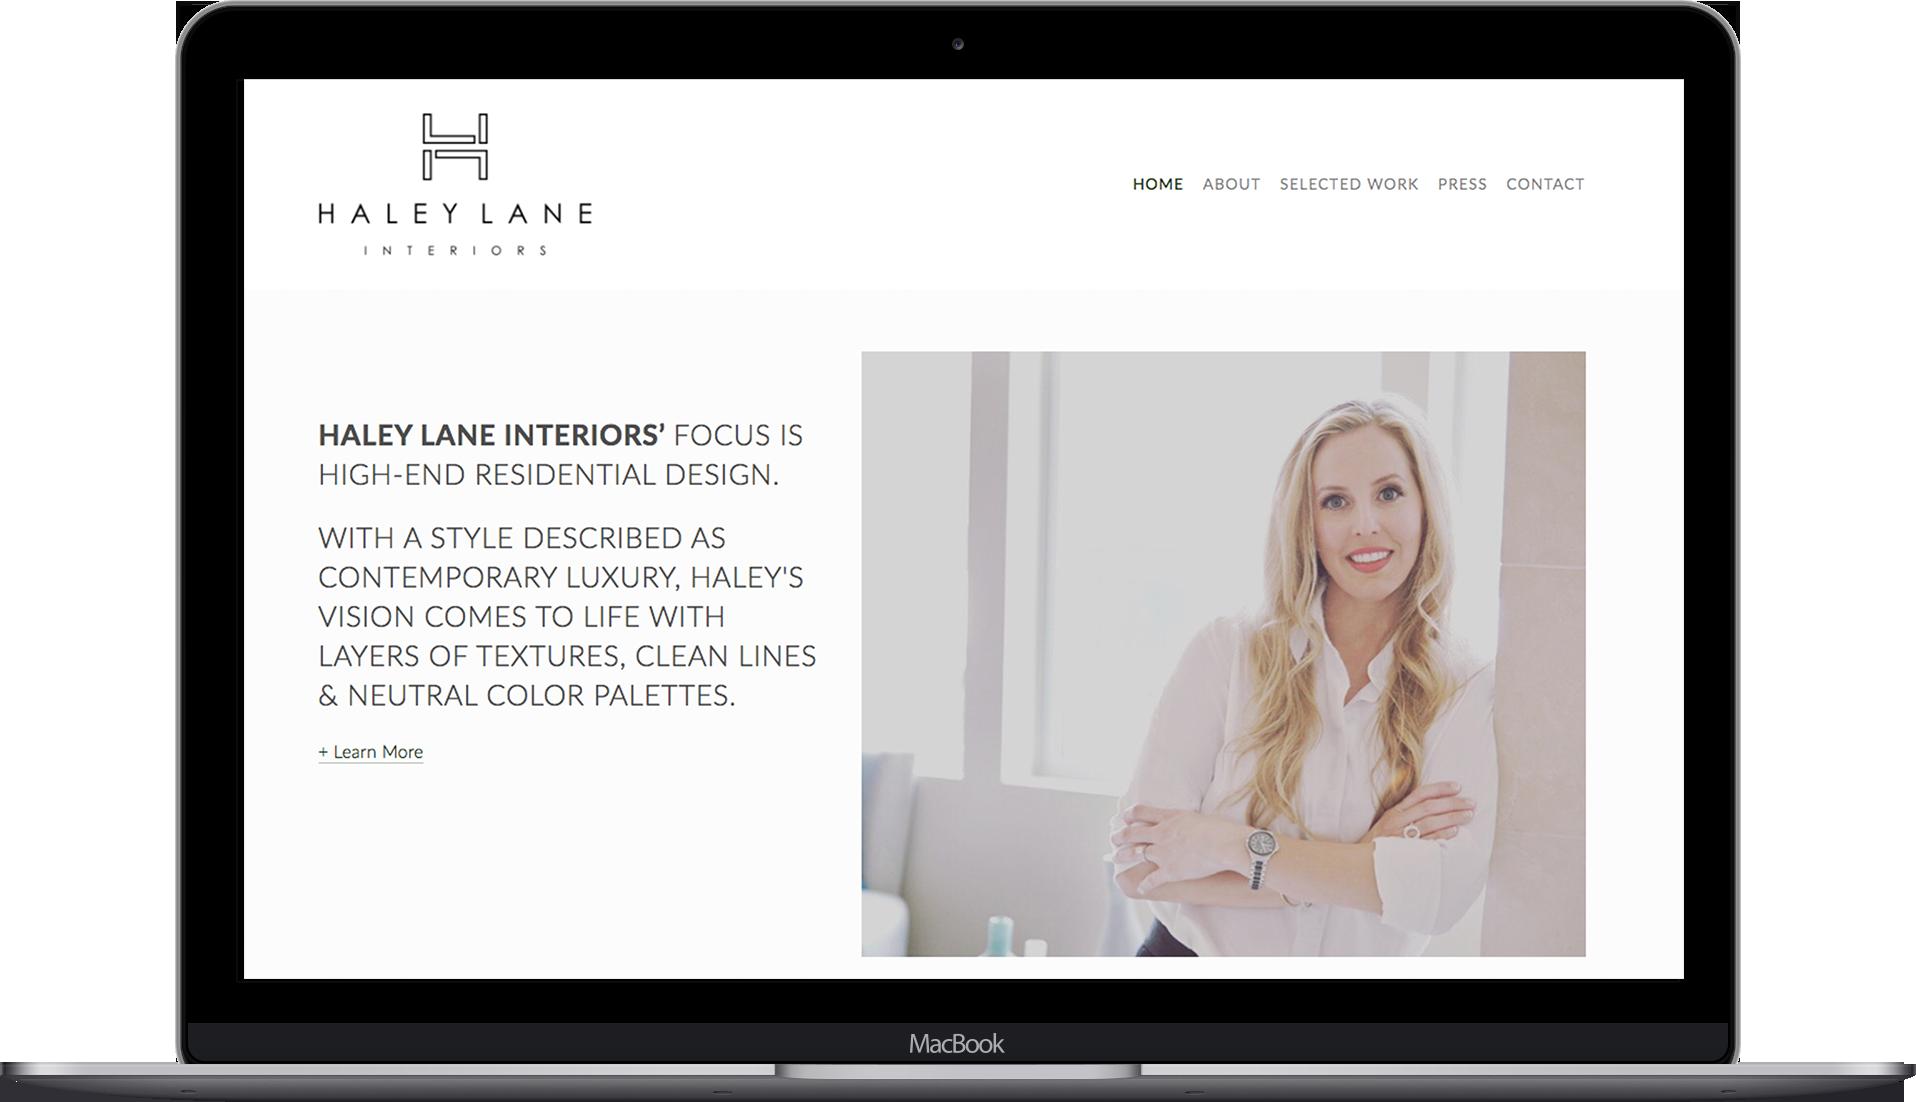 Laptop Mockup for Haley Lane